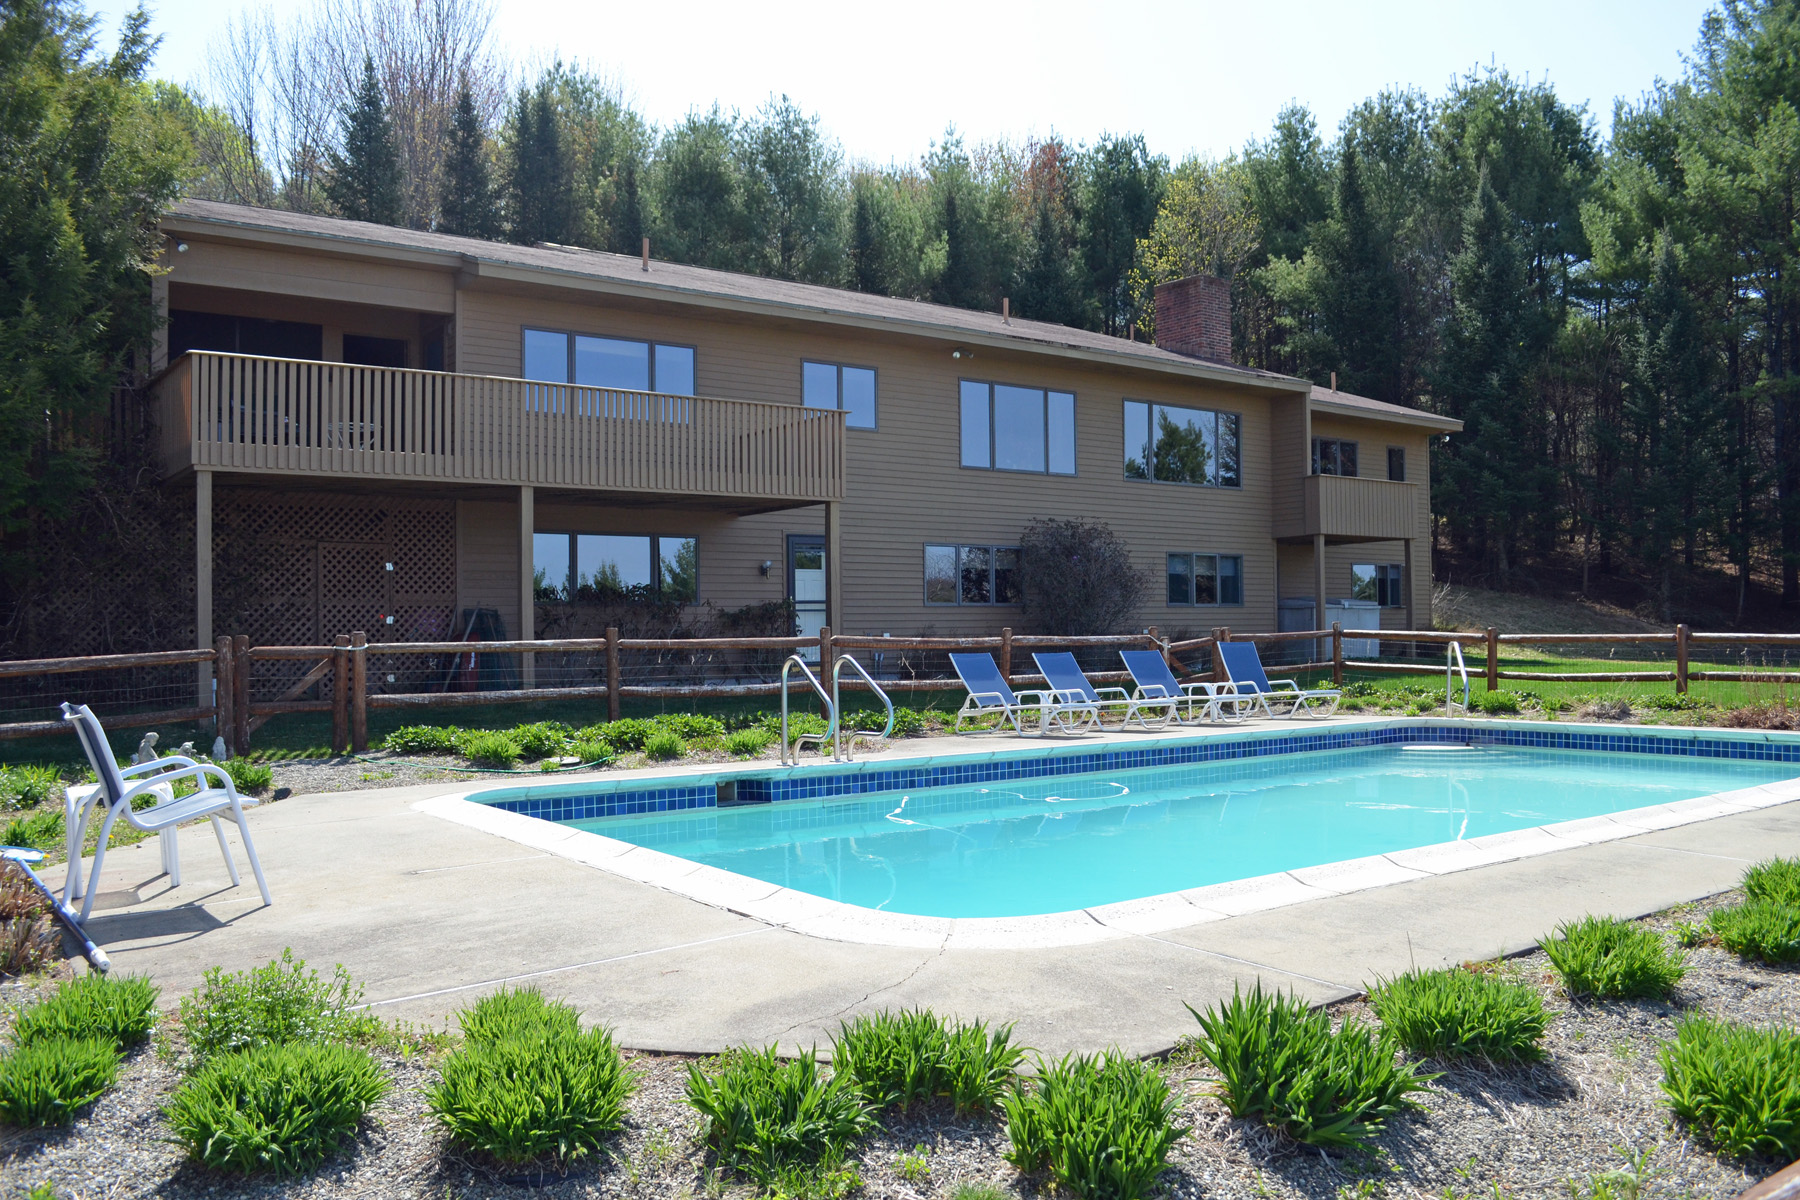 Einfamilienhaus für Verkauf beim 35 Stevens Road, Hanover 35 Stevens Rd Hanover, New Hampshire, 03755 Vereinigte Staaten